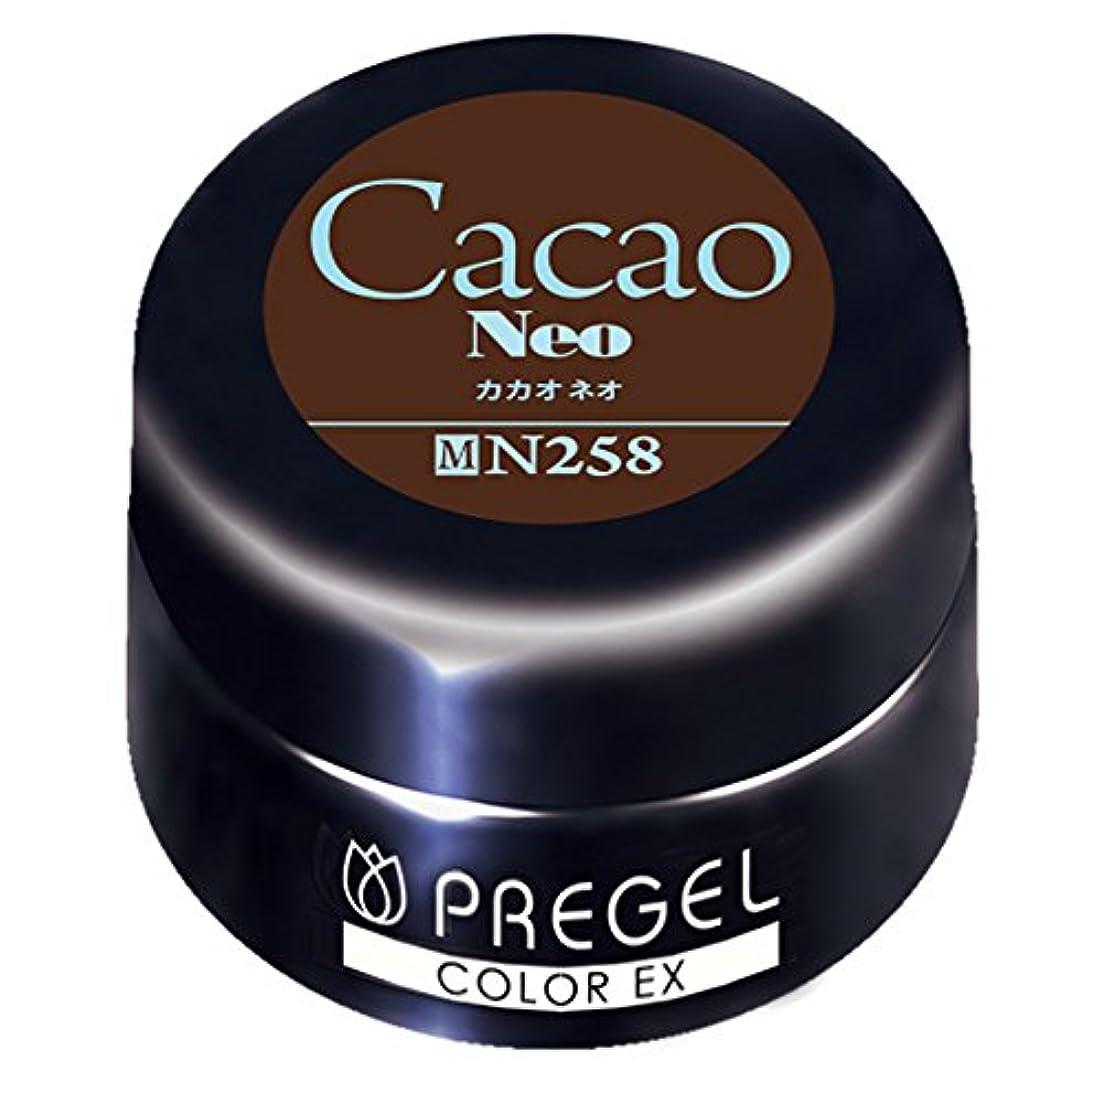 以来隠注意PRE GEL カラーEX カカオneo 258 4g UV/LED対応